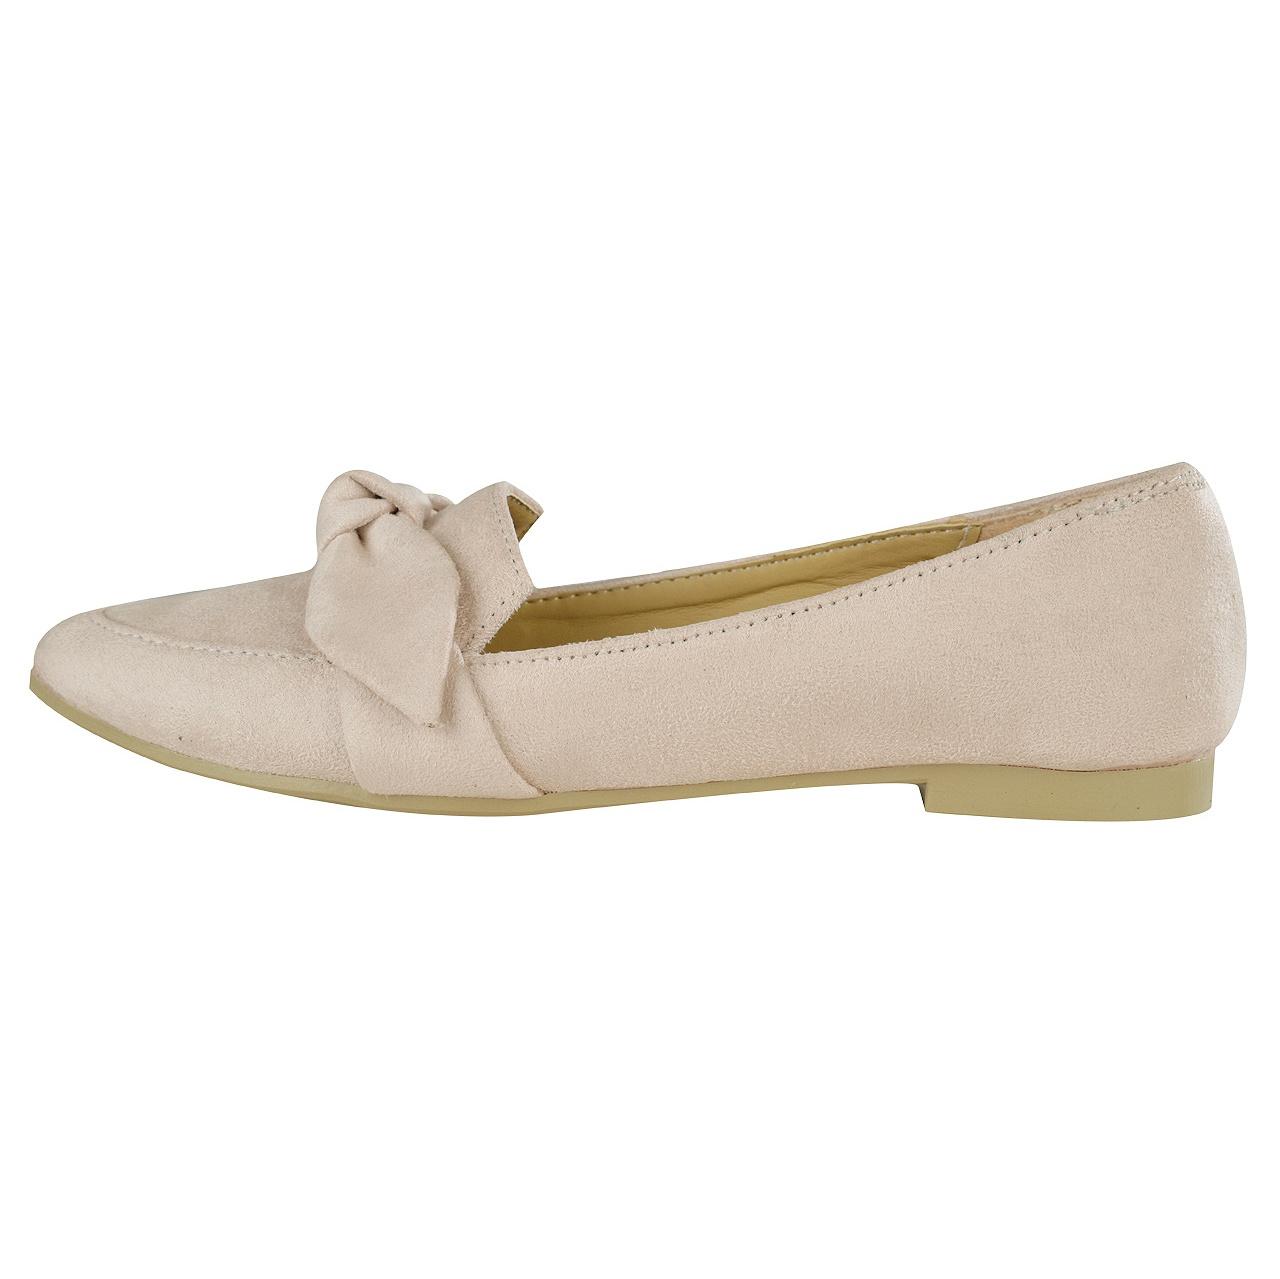 کفش زنانه مدل پاپیون کد 159013009